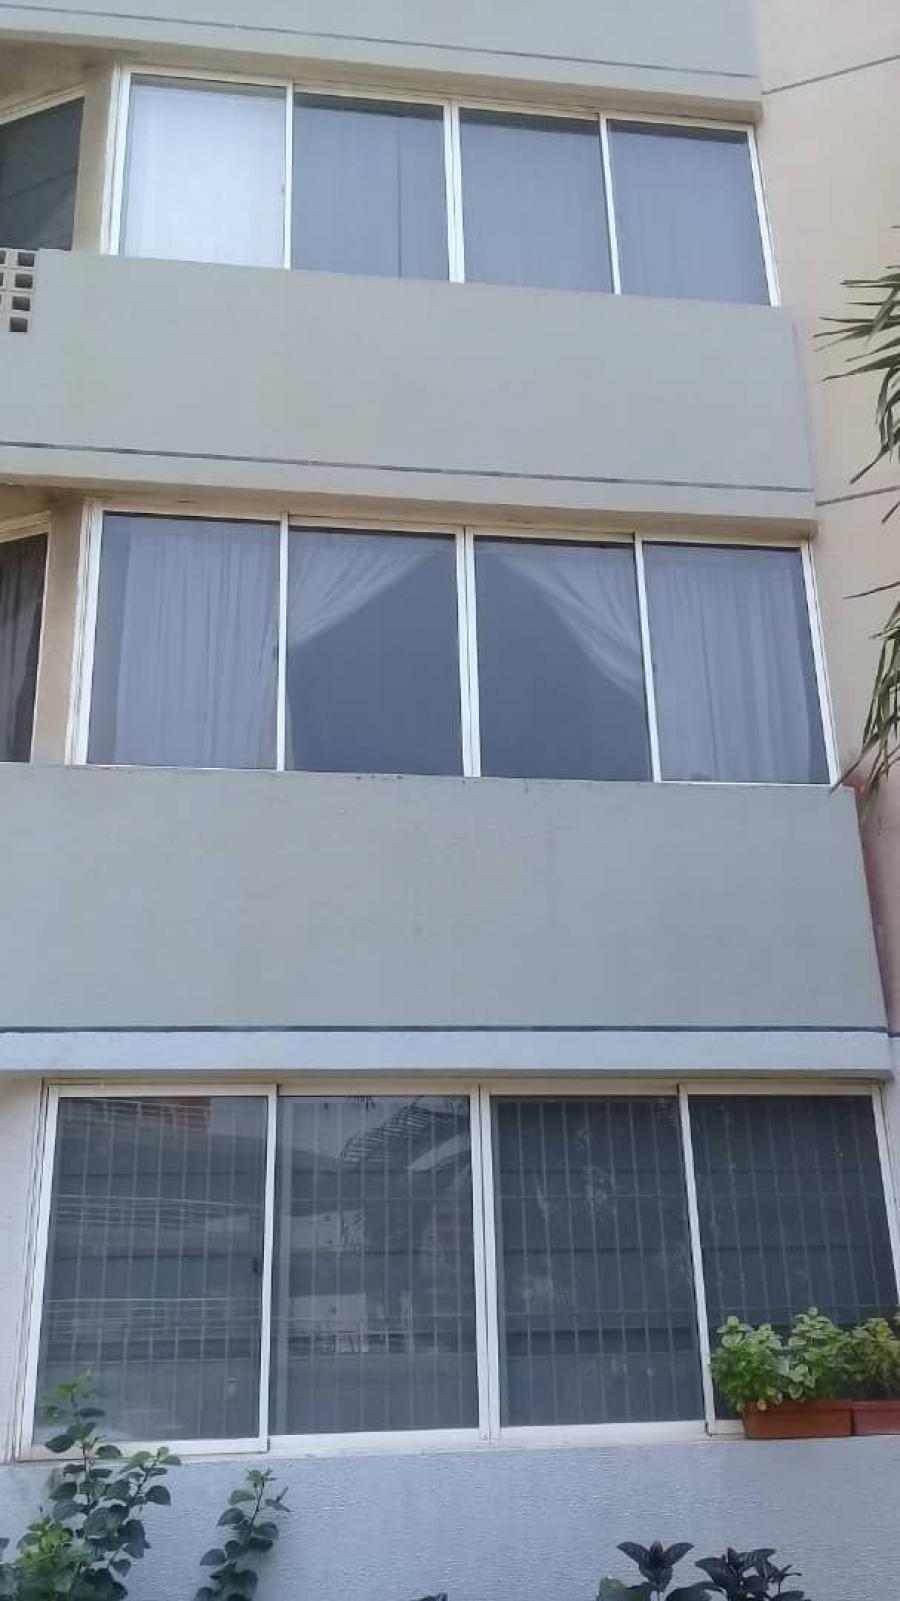 Foto Apartamento en Venta en Diego Bautista Urbaneja, Anzo�tegui - 85 m2 - BsF 45.000 - APV114238 - BienesOnLine